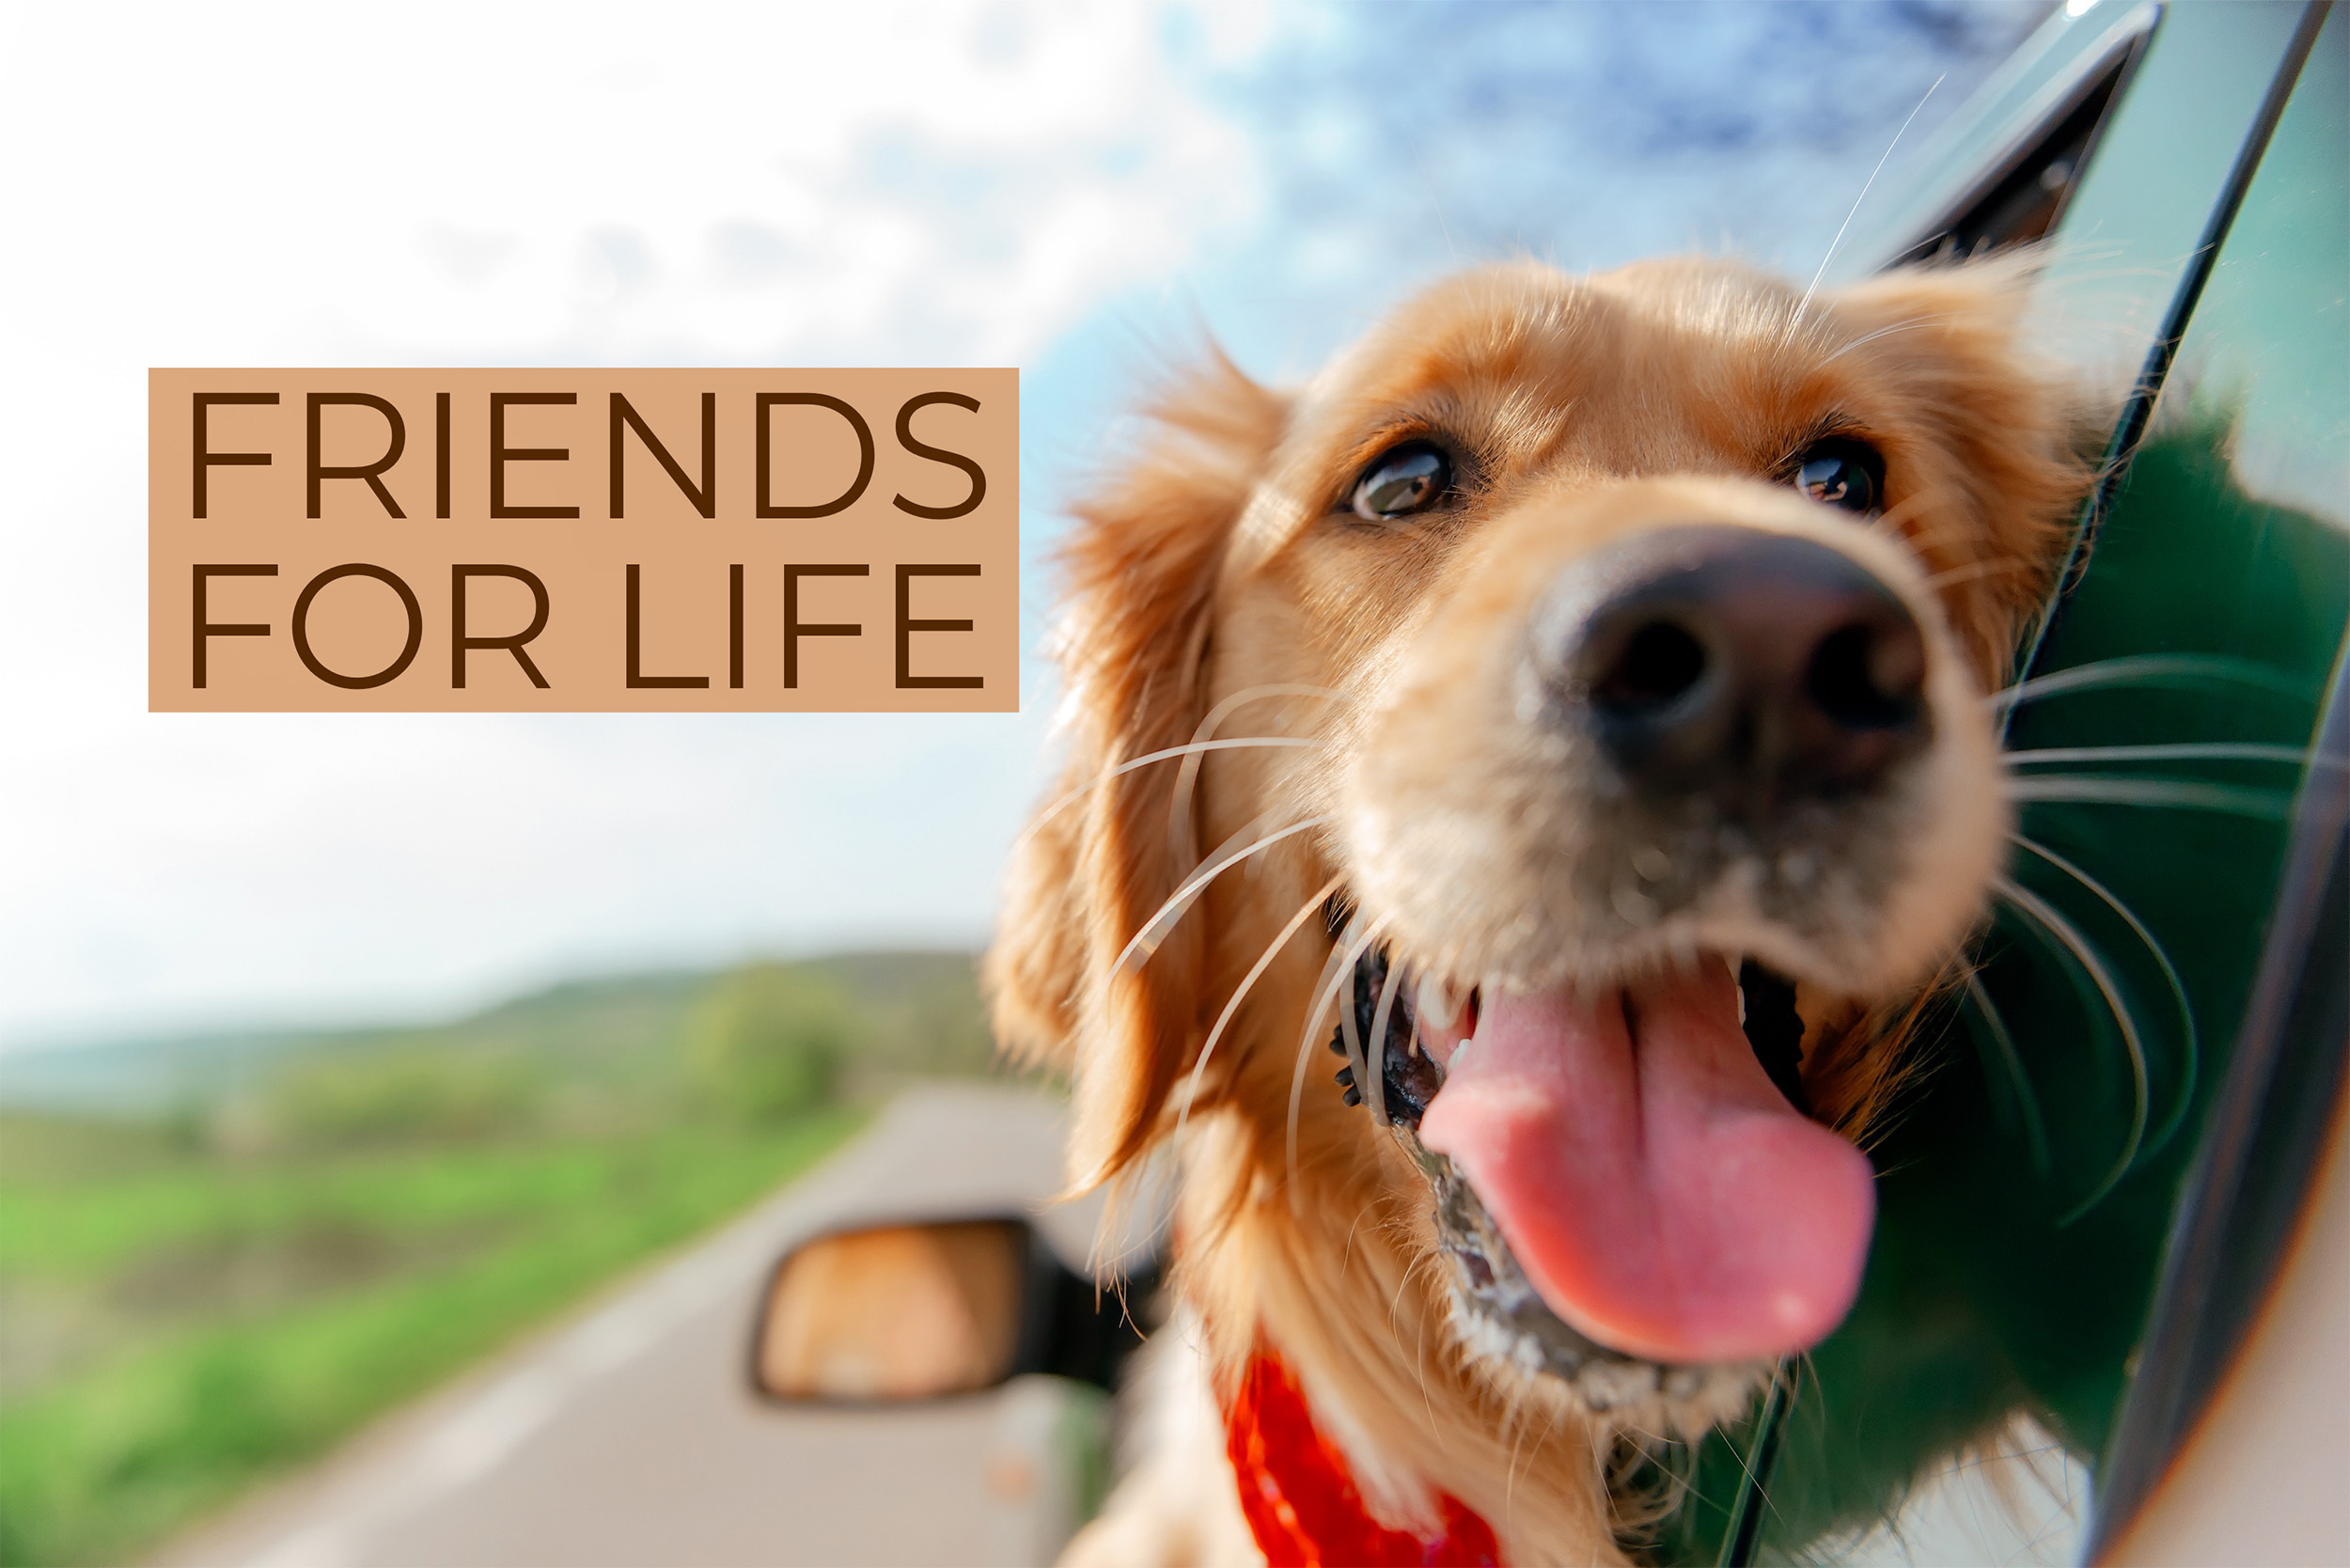 friendsforlife